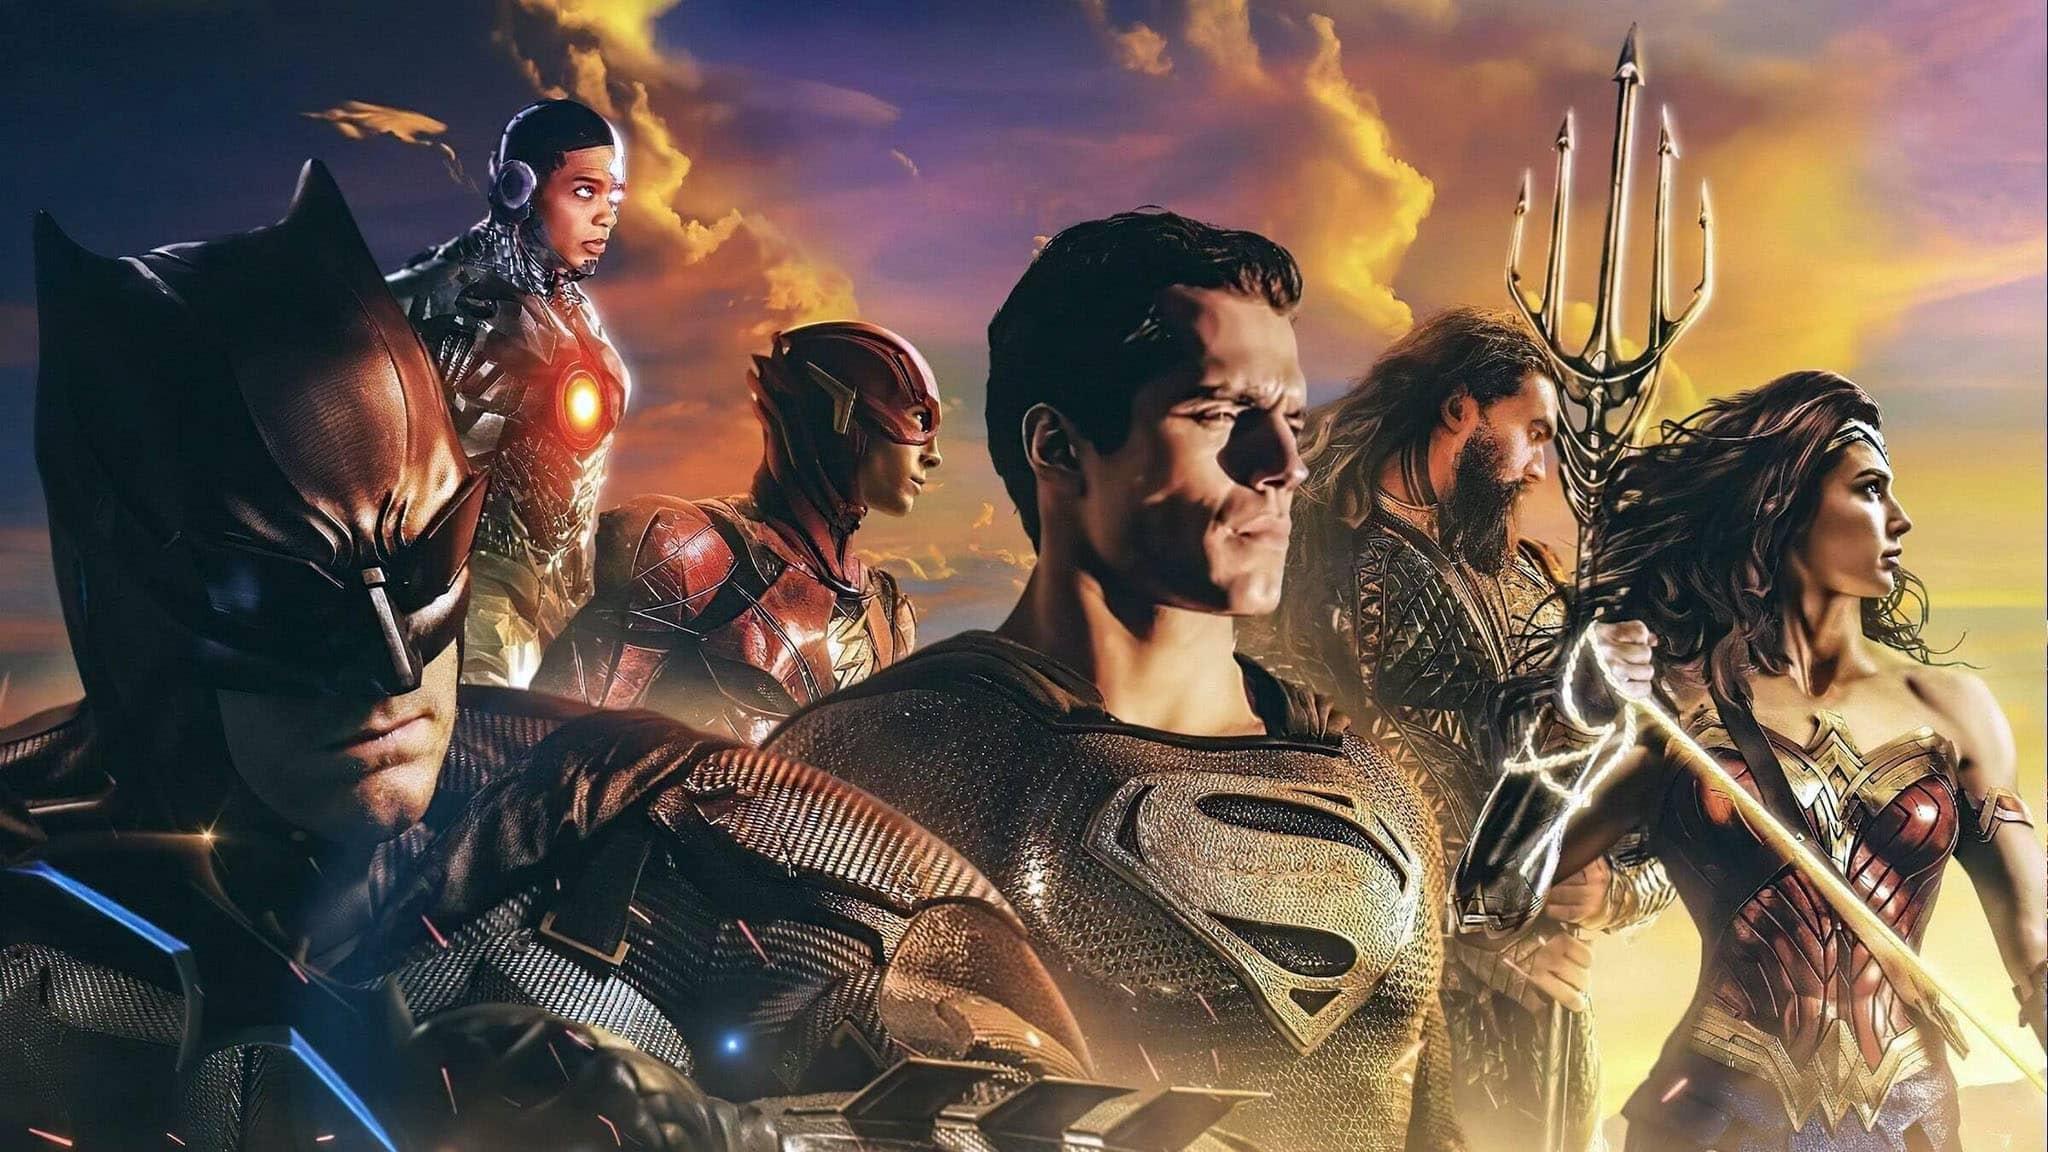 فيلم Zack Snyder's Justice League 2021 مترجم